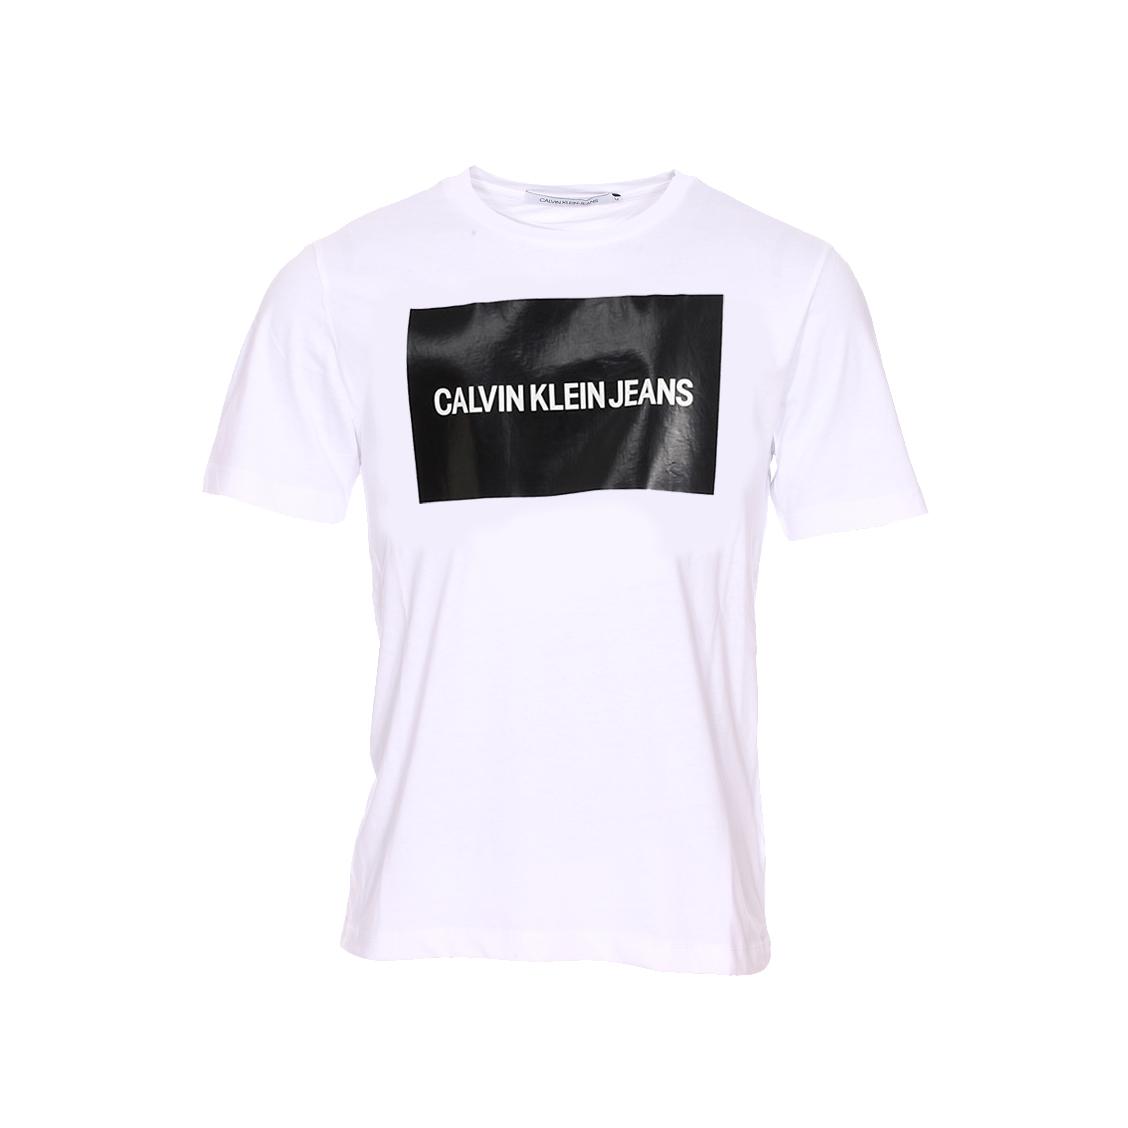 Tee-shirt col rond  institutional box logo en coton blanc avec un patch noir brillant floqué en blanc sur la poitrine